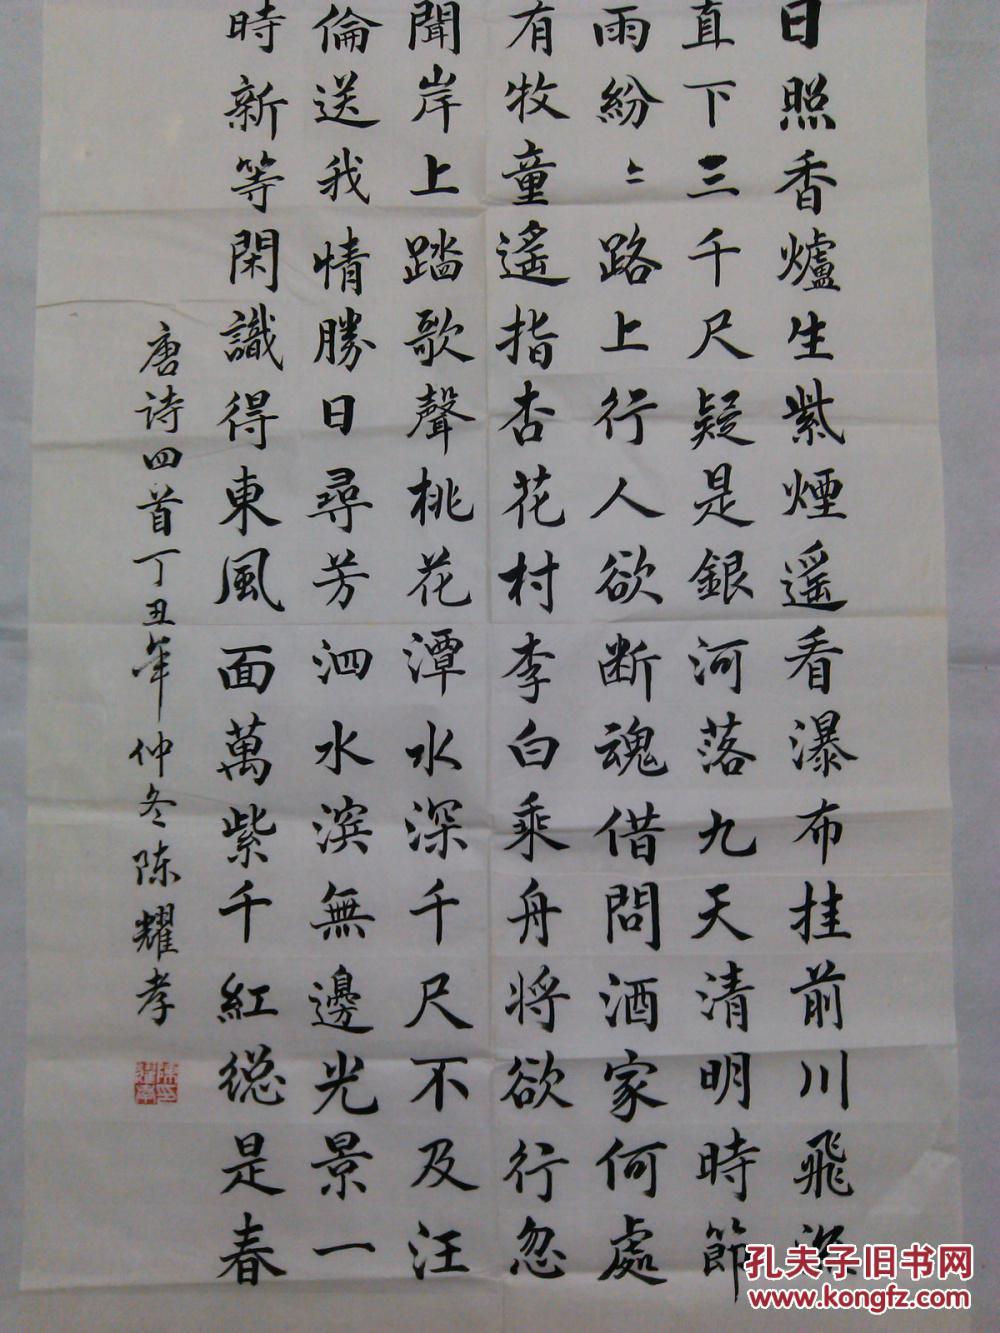 【图】书法楷书古诗四首